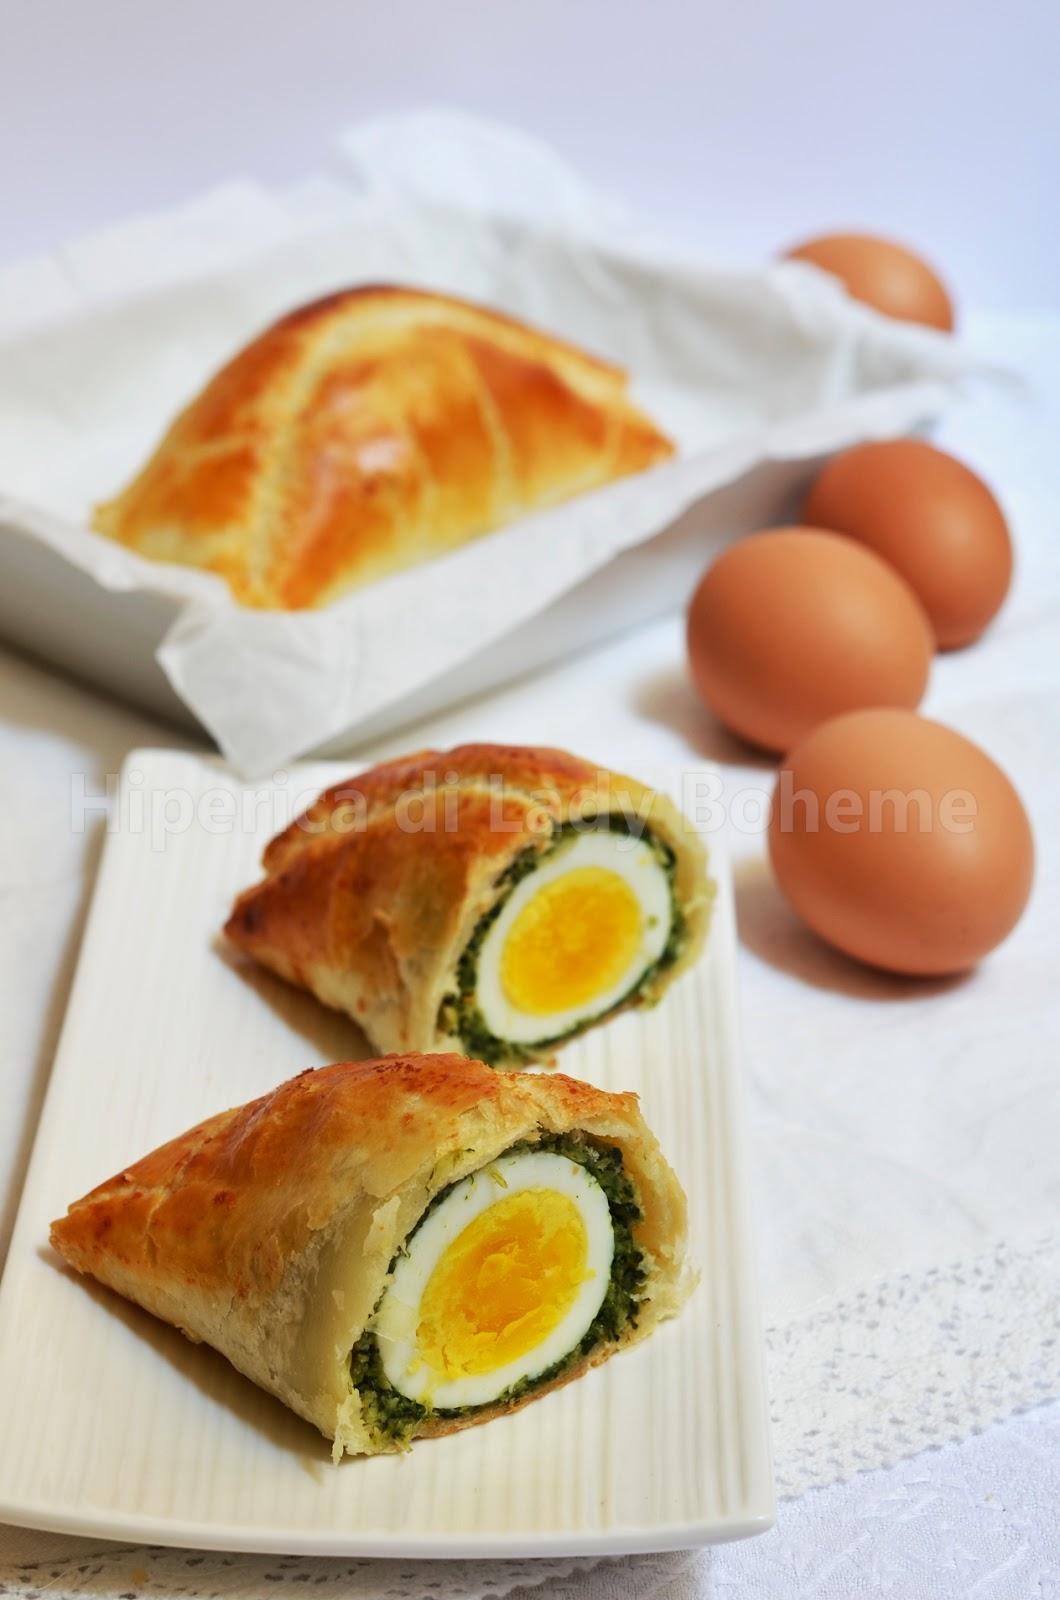 hiperica_lady_boheme_blog_cucina_ricette_gustose_facili_veloci_torta_pasqualina_con_pasta_sfoglia_pronta_bietola_e_primosale_2